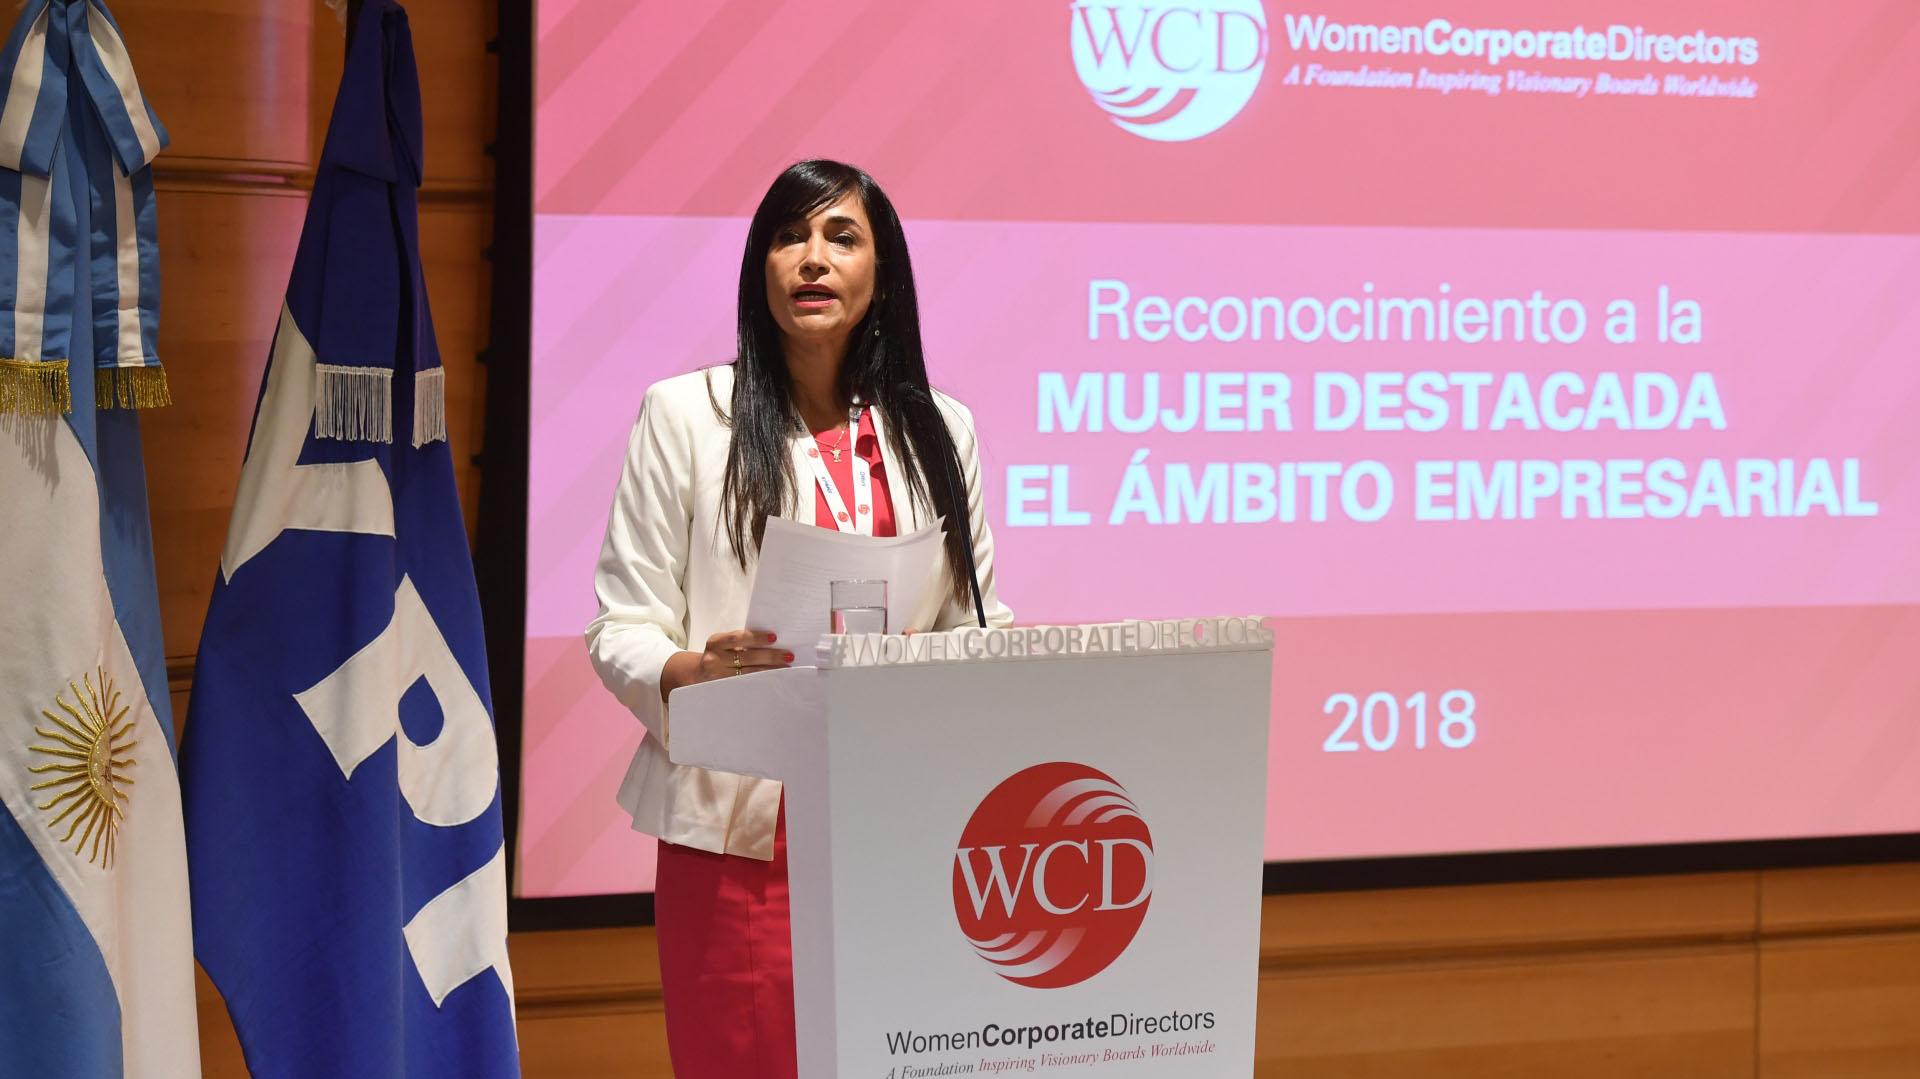 Vinitzky es socia de Auditoría y líder de Diversidad e Inclusión de KPMG Argentina, que esponsoreó el evento y es Global Lead Sponsor de WCD (Maxi Luna)